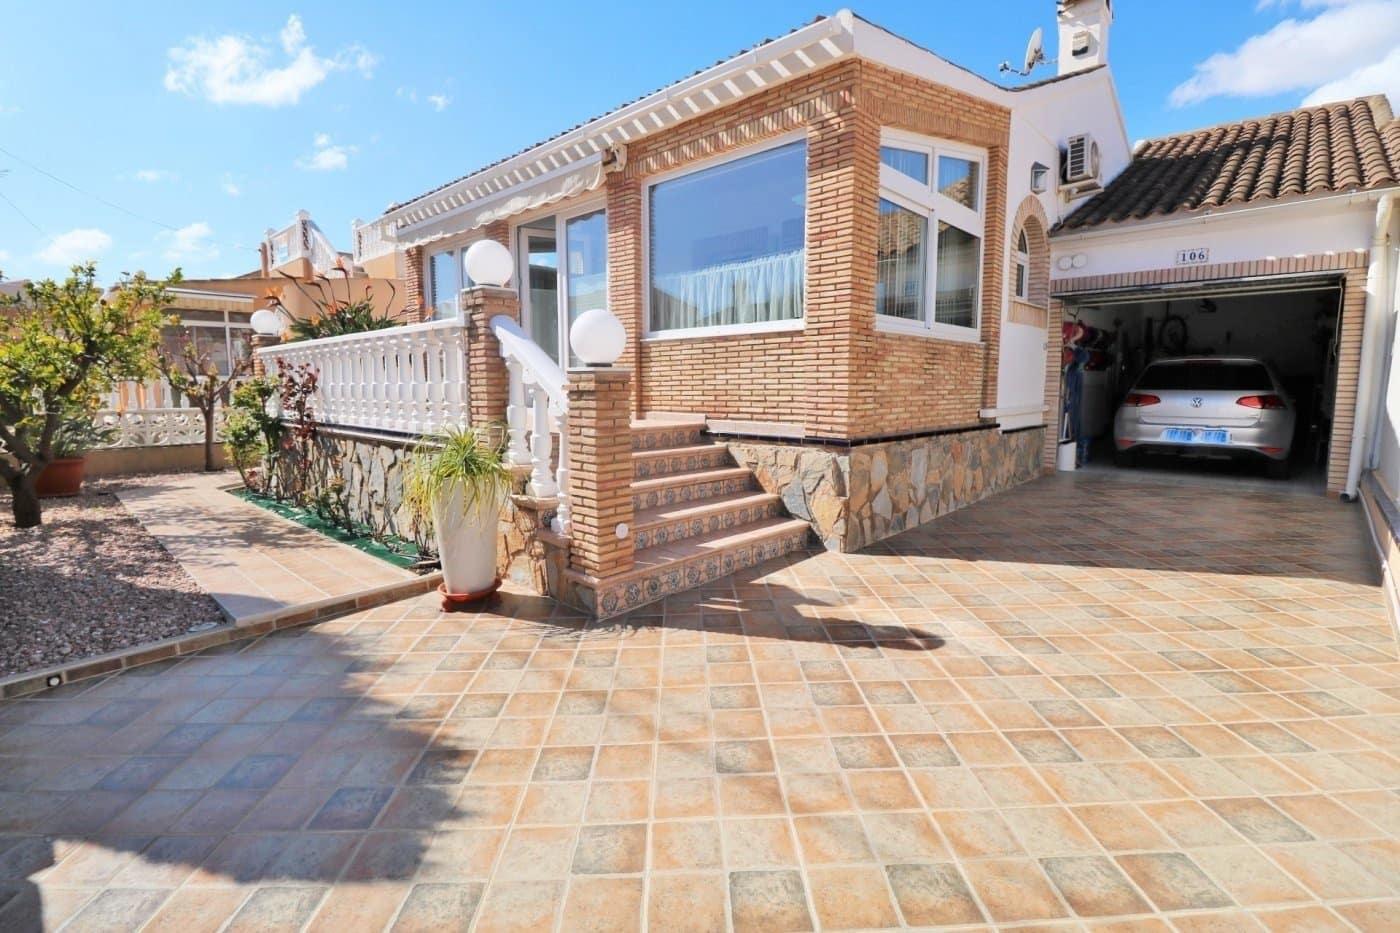 Chalet de 2 habitaciones en Playa Flamenca en venta con piscina - 215.000 € (Ref: 5054837)